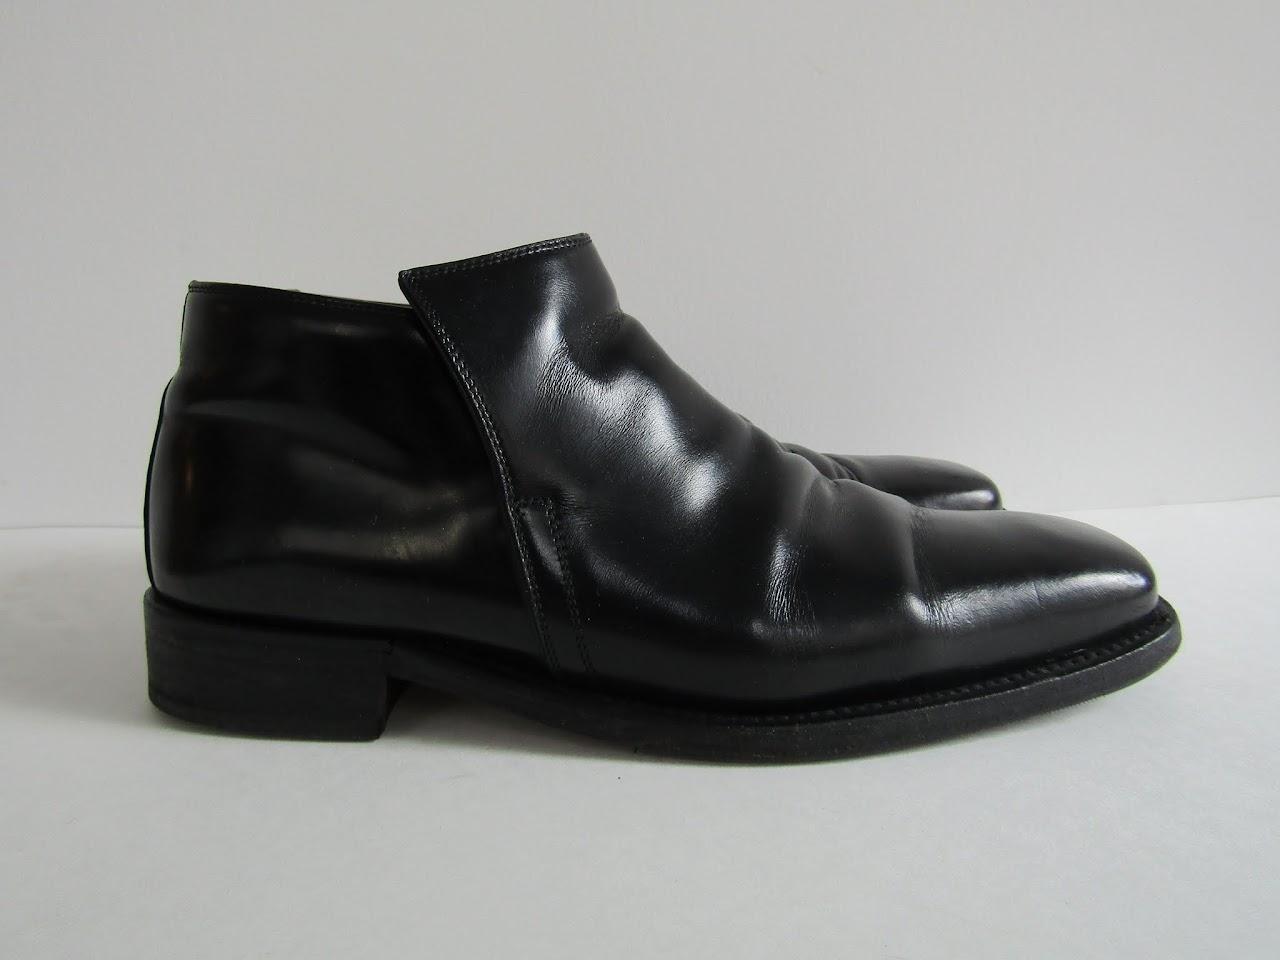 Hermes Paris Square Toe Boots